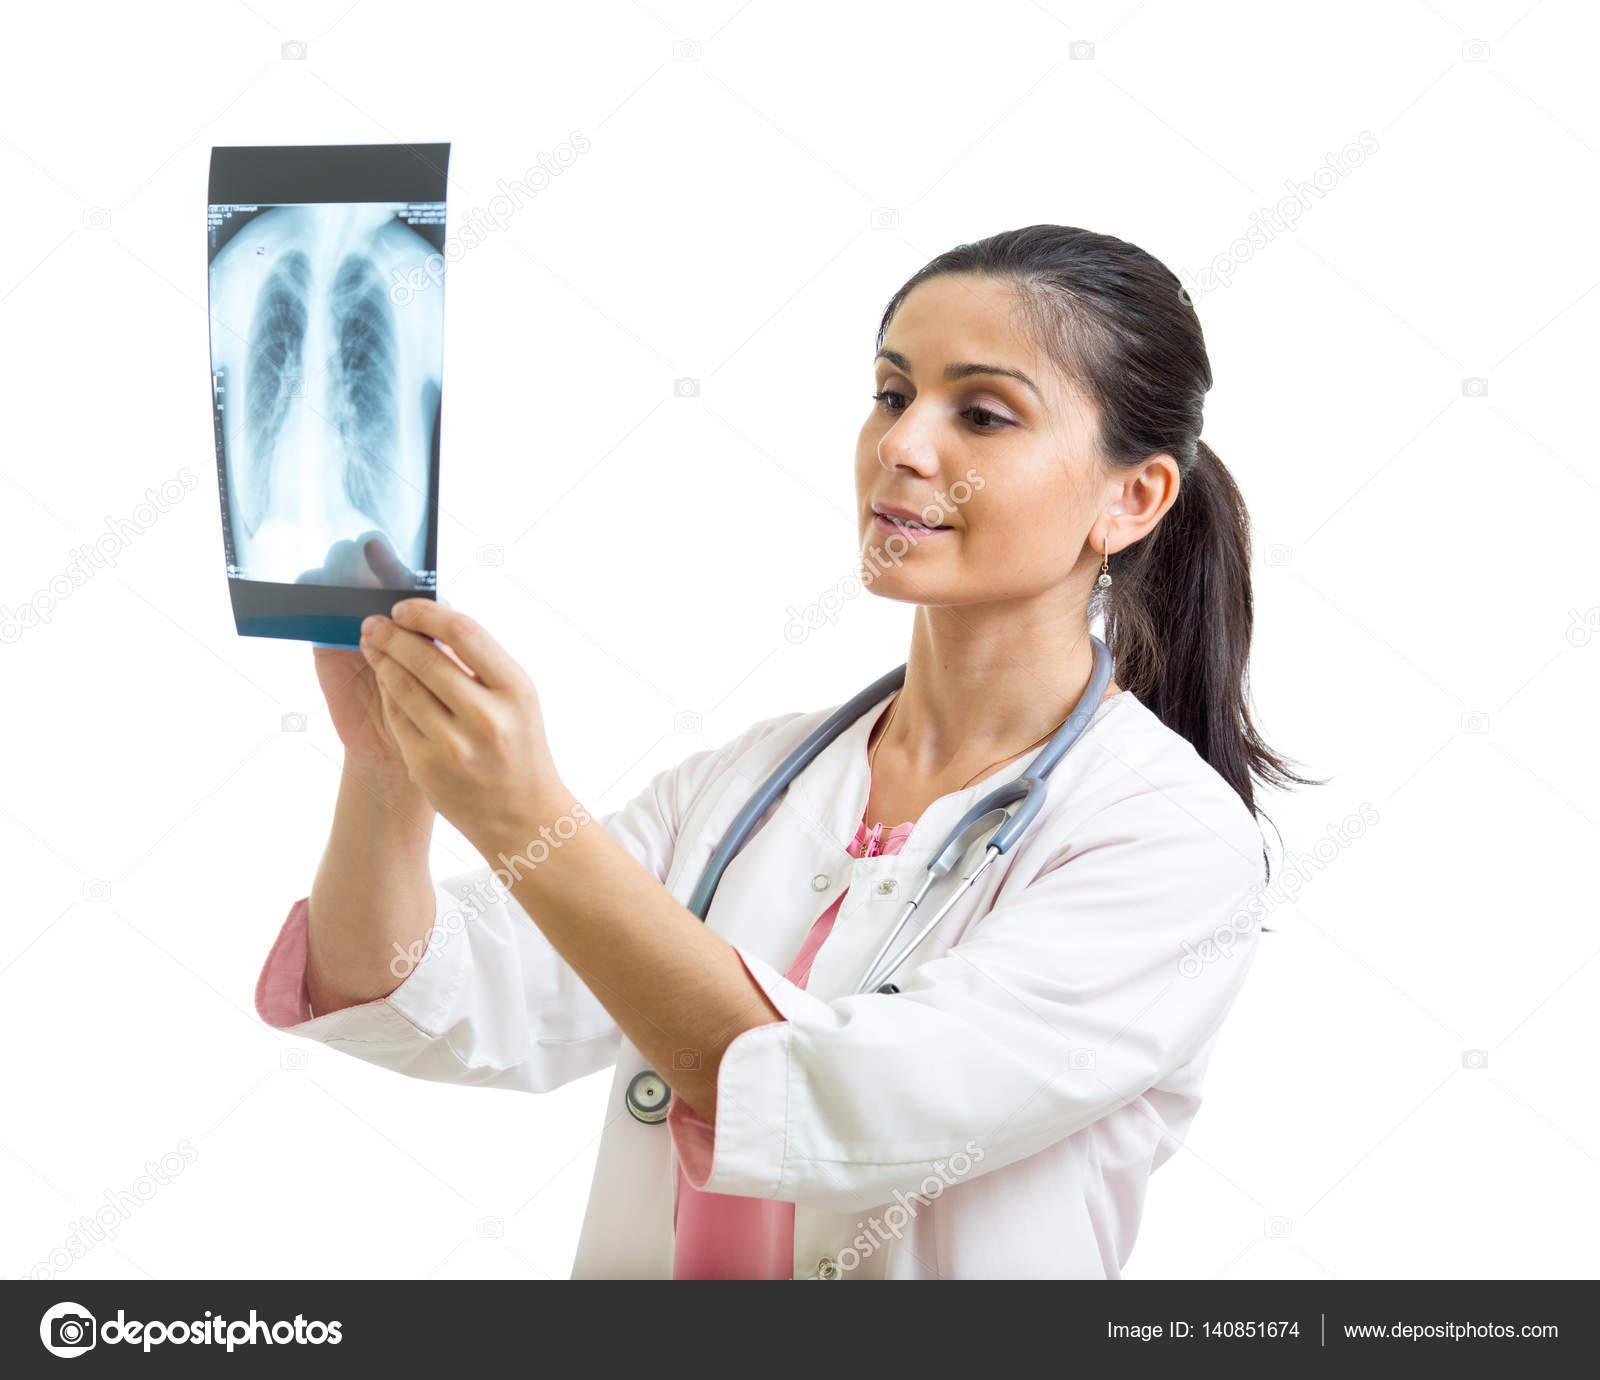 röntgenfoto longen